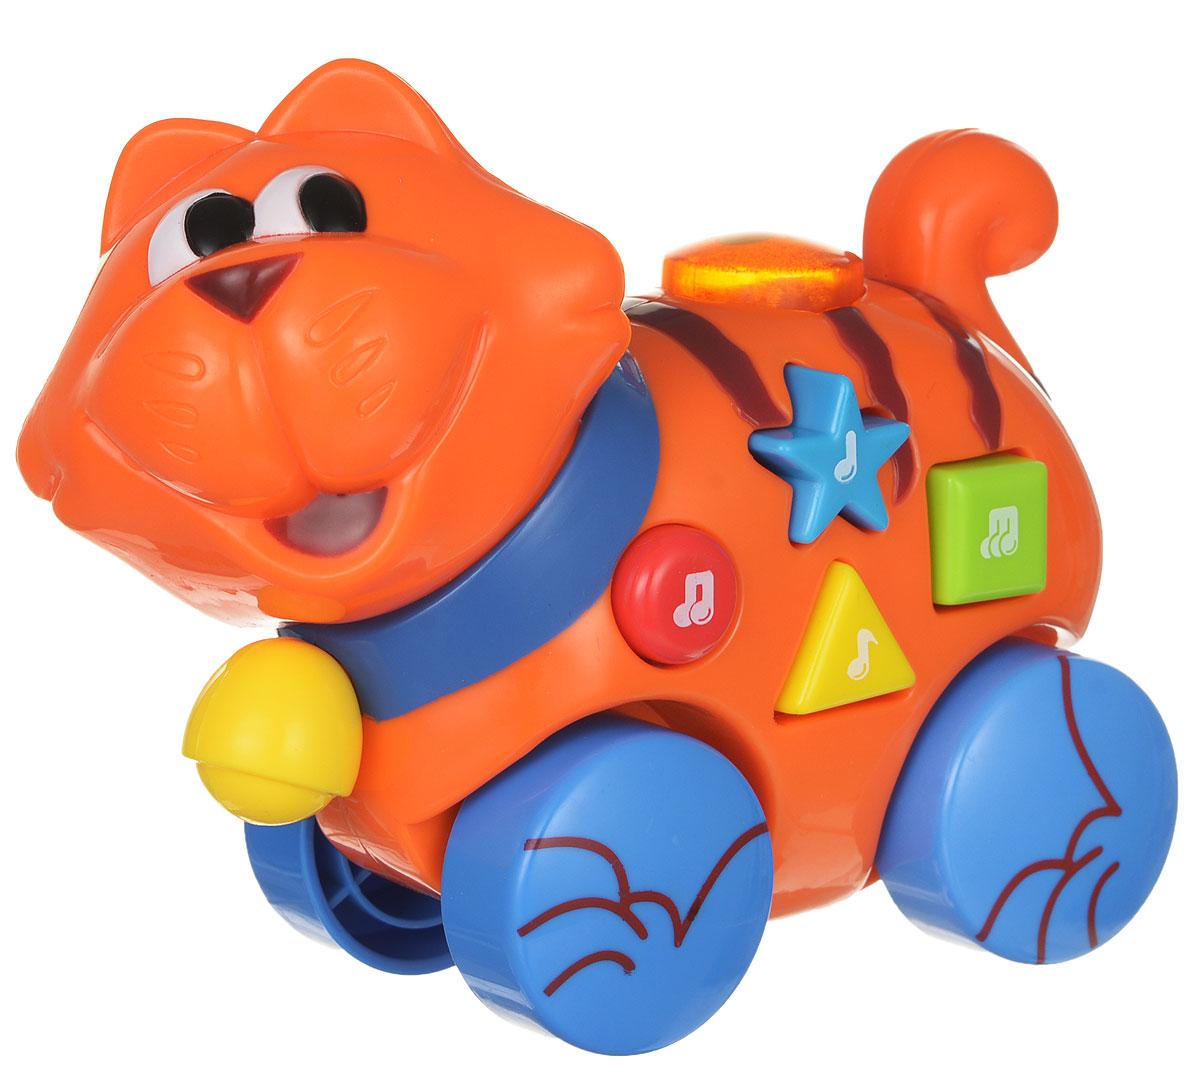 Navystar Музыкальная игрушка-каталка Кот65039-E-CМузыкальная игрушка-каталка Navystar Кот привлечет внимание вашего малыша и не оставит его равнодушным. Игрушка снабжена четырьмя колесиками со свободным ходом. Игрушка выполнена из прочного пластика в виде забавного рыжего котика. На теле кота расположены разноцветные кнопочки, при нажатии на которые, воспроизводятся разные мелодии, и мигает огонек в кнопке на спине. Игрушка воспроизводит 40 различных мелодий. Музыкальная игрушка-каталка Navystar Кот поможет малышу развить цветовое и звуковое восприятие, координацию движений и мышление. Для работы игрушки необходимы 3 батарейки типа AG13 (LR44) напряжением 1,5V (комплектуется демонстрационными).